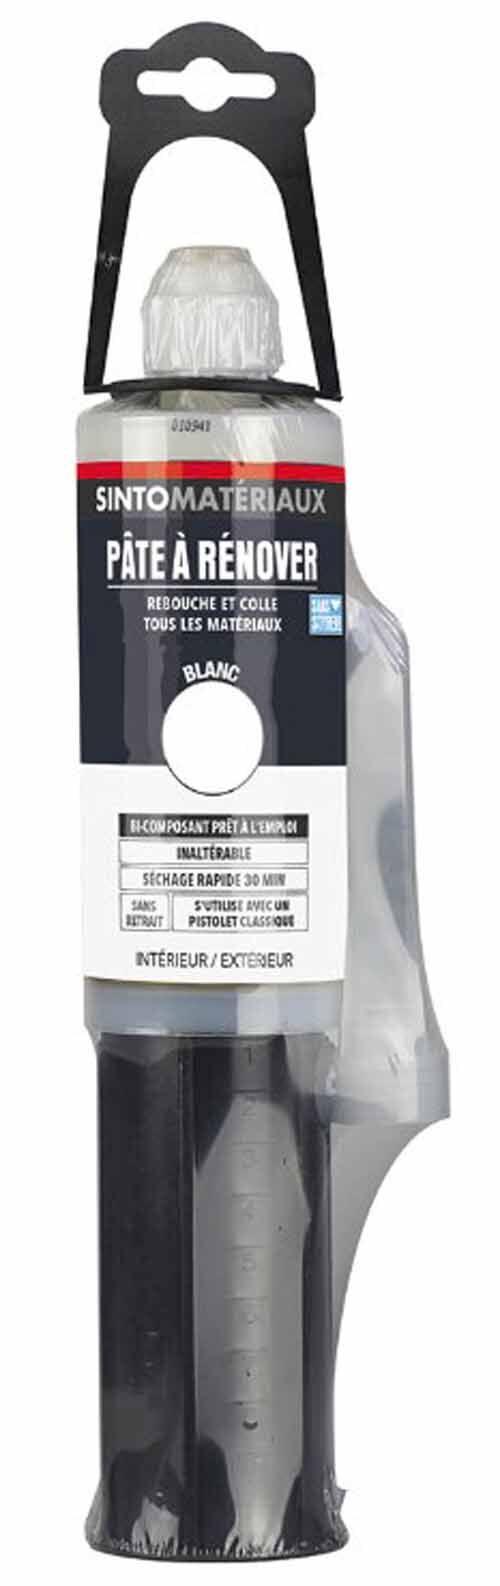 SINTO Pâte à rénover sans styrène + durcisseur - SINTO - 820173